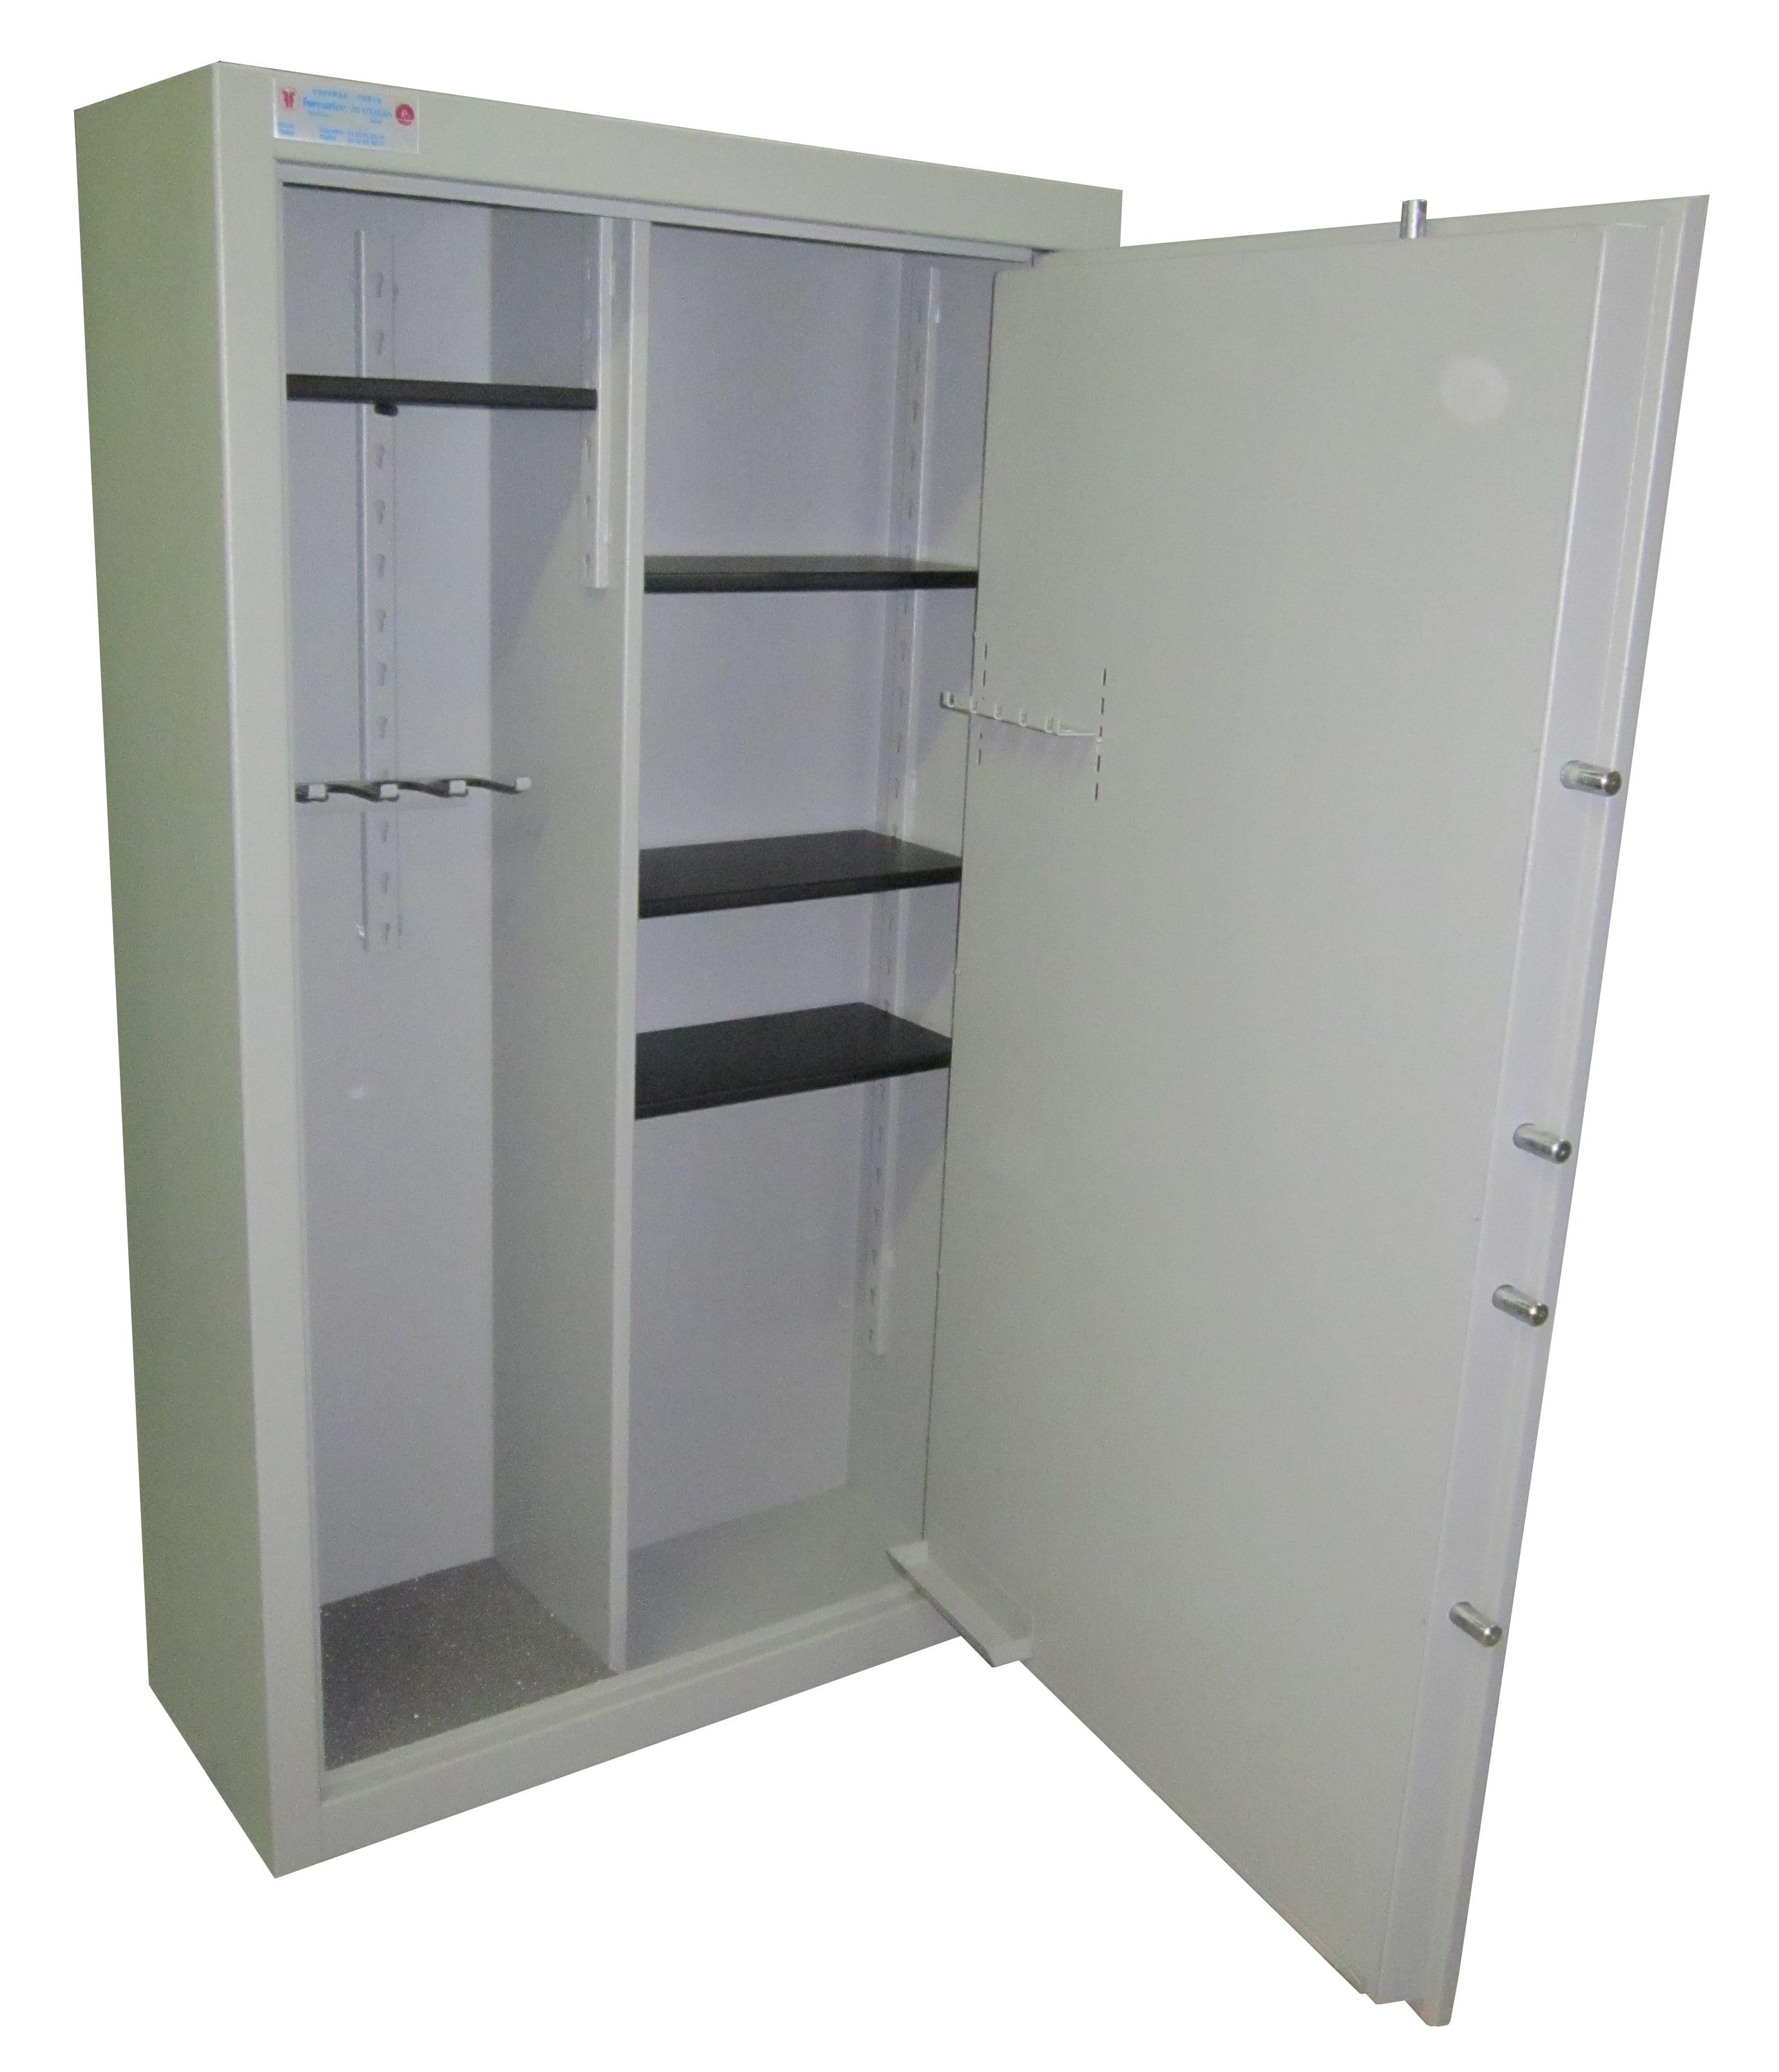 armoire-fusils-LyonCoffres-2